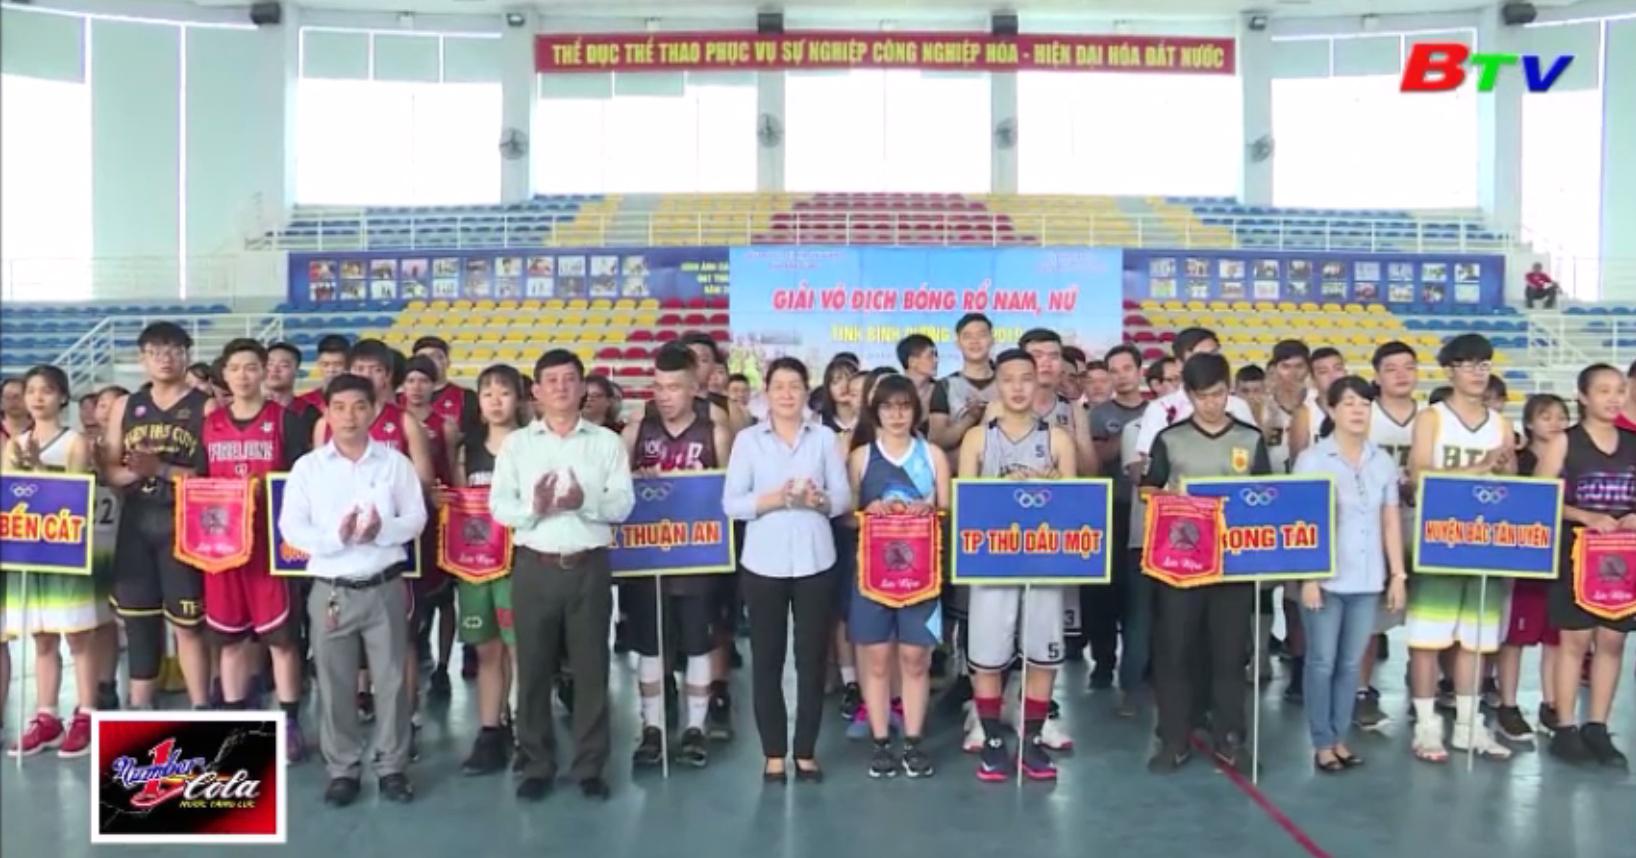 Khai mạc Giải vô địch bóng rổ tỉnh Bình Dương năm 2019